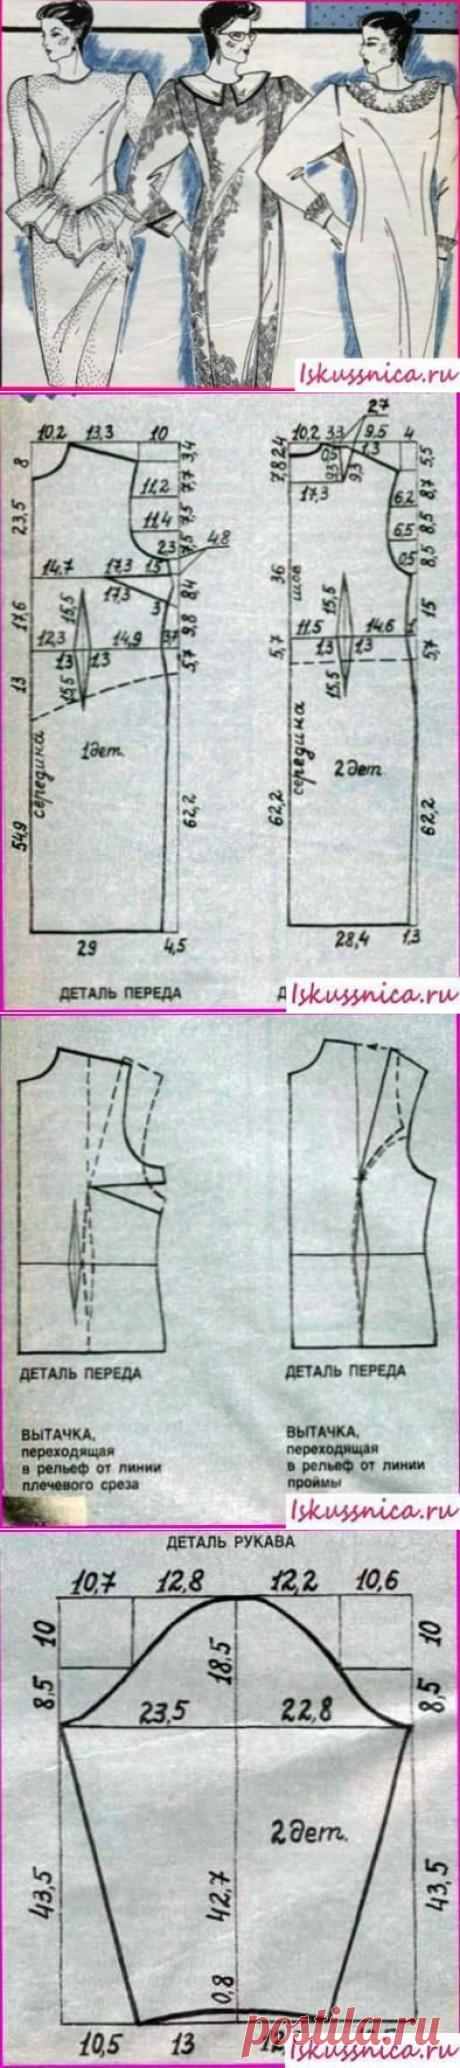 Женское платье размер 54 рост III — IV ( расход ткани 2м. при шир.140см).